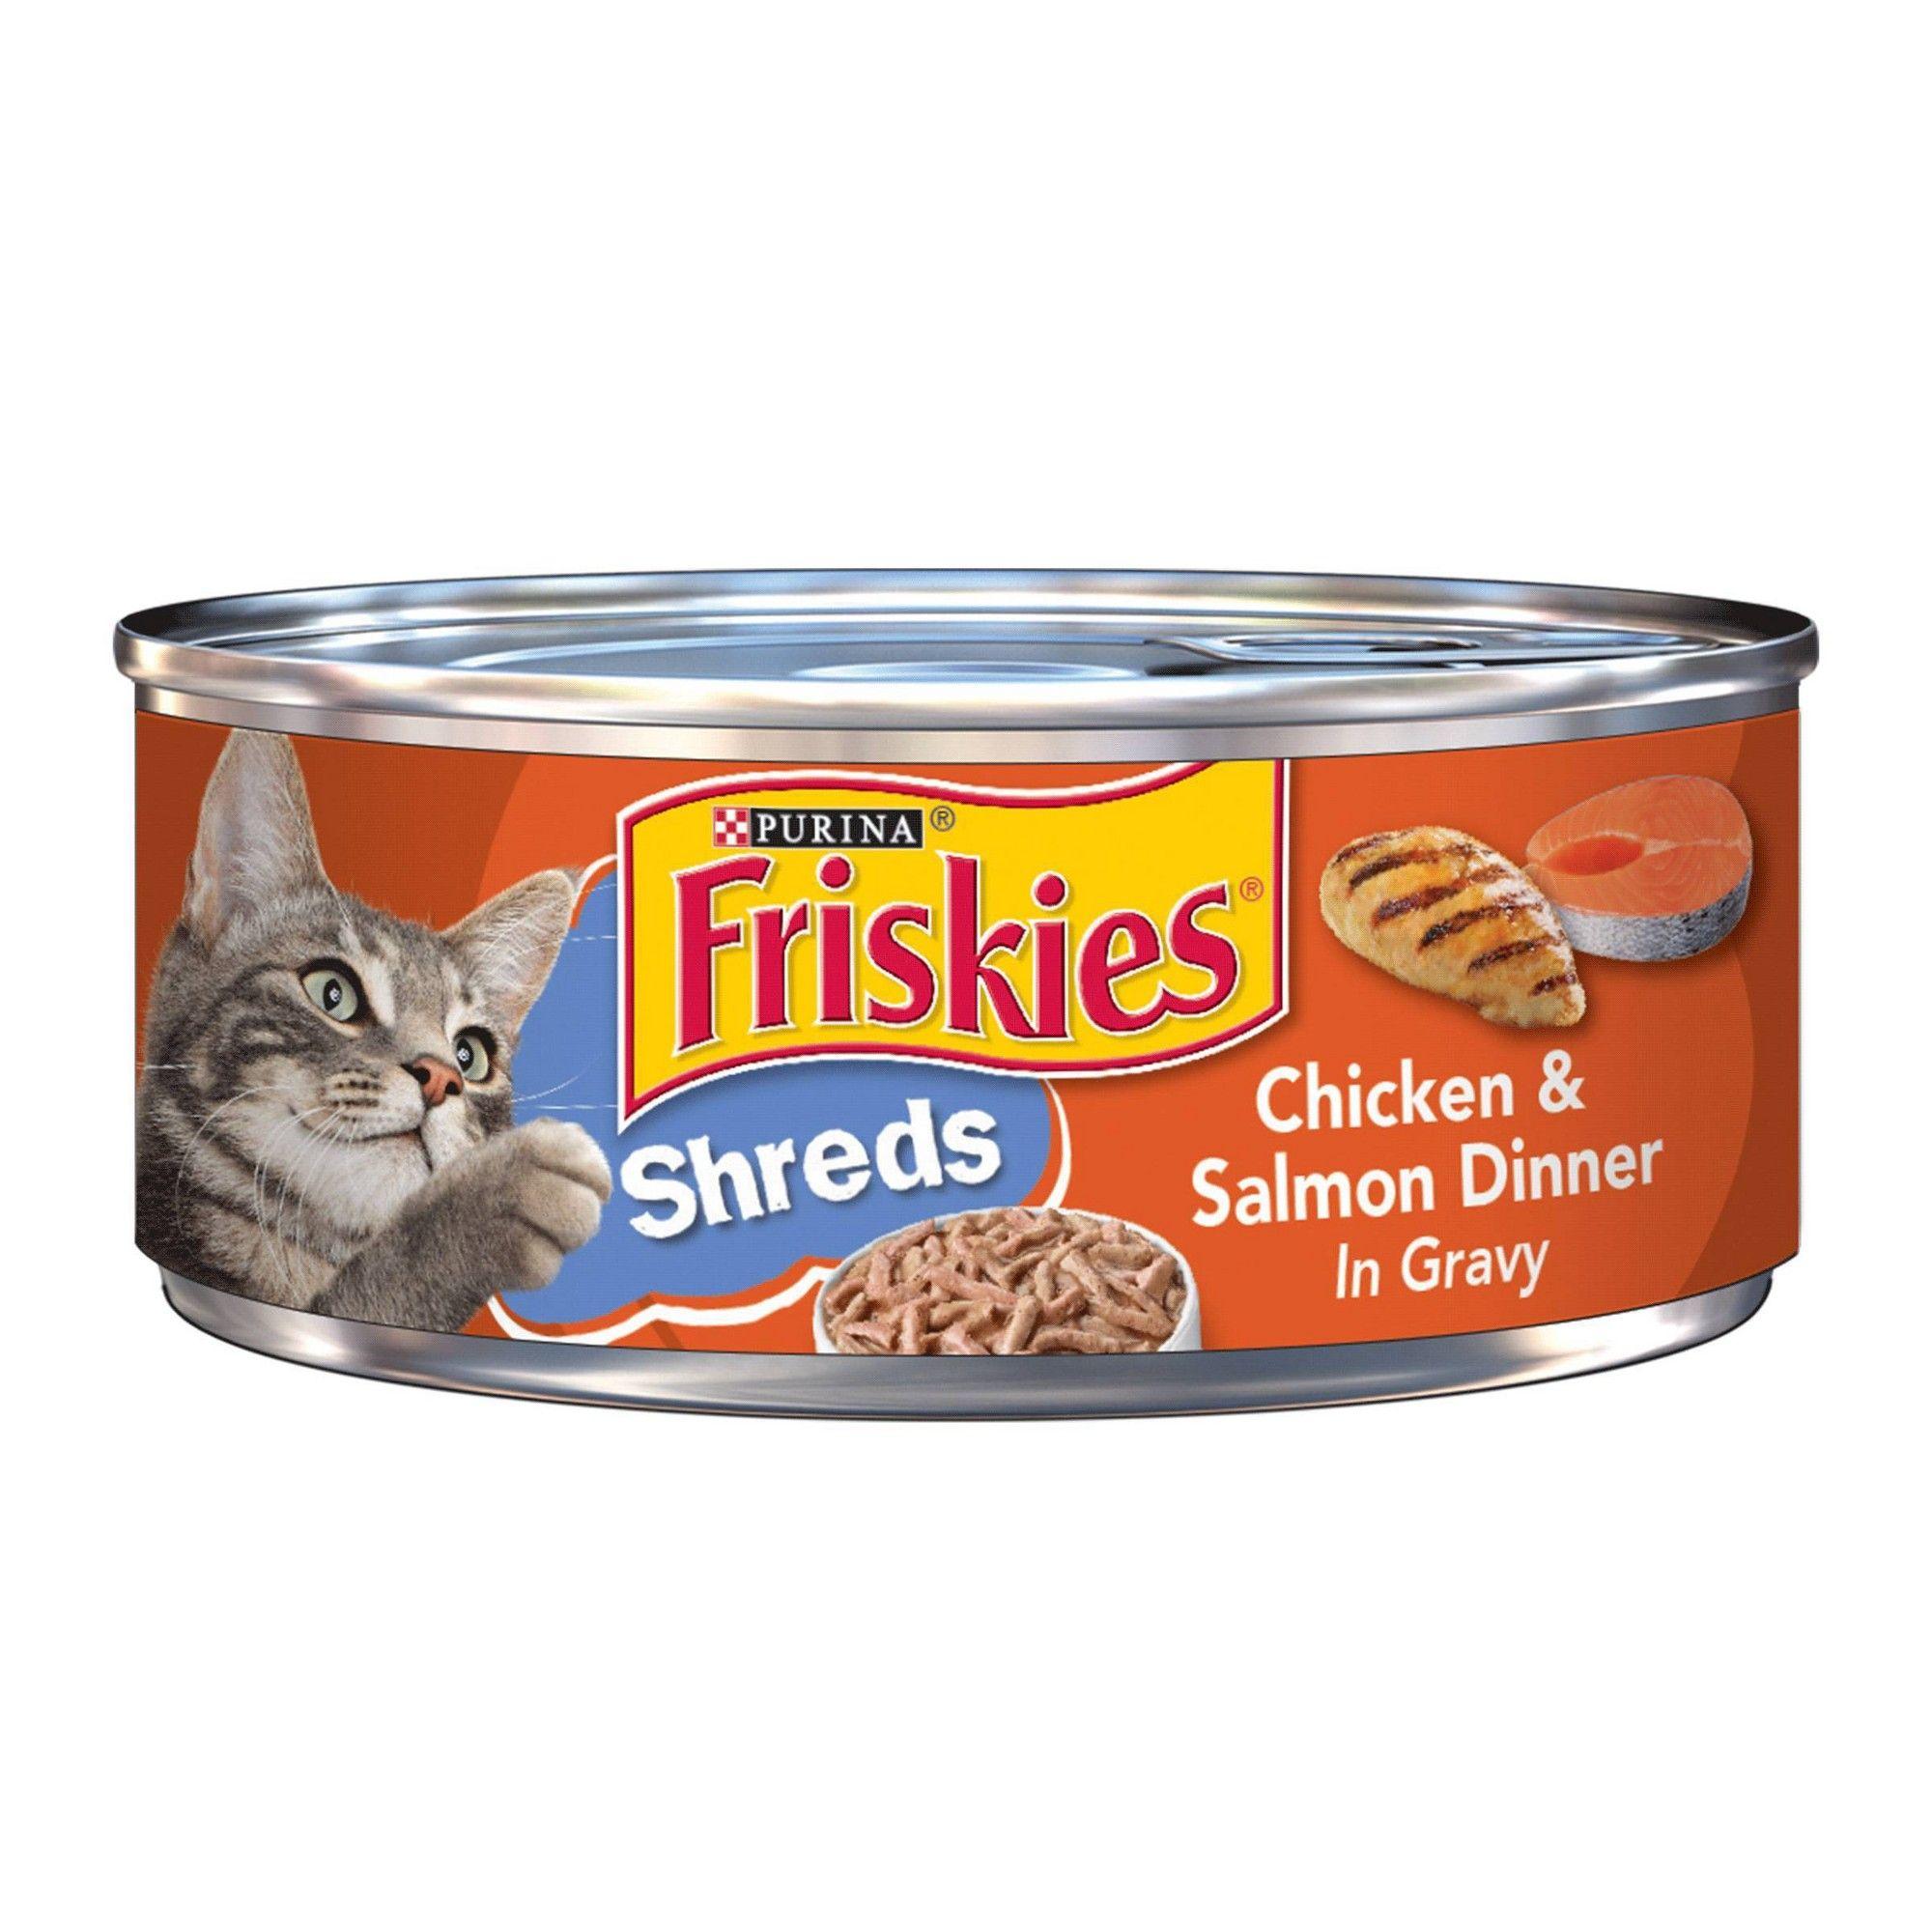 Purina Friskies Shreds Wet Cat Food Chicken Salmon Dinner In Gravy 5 5oz ในป 2021